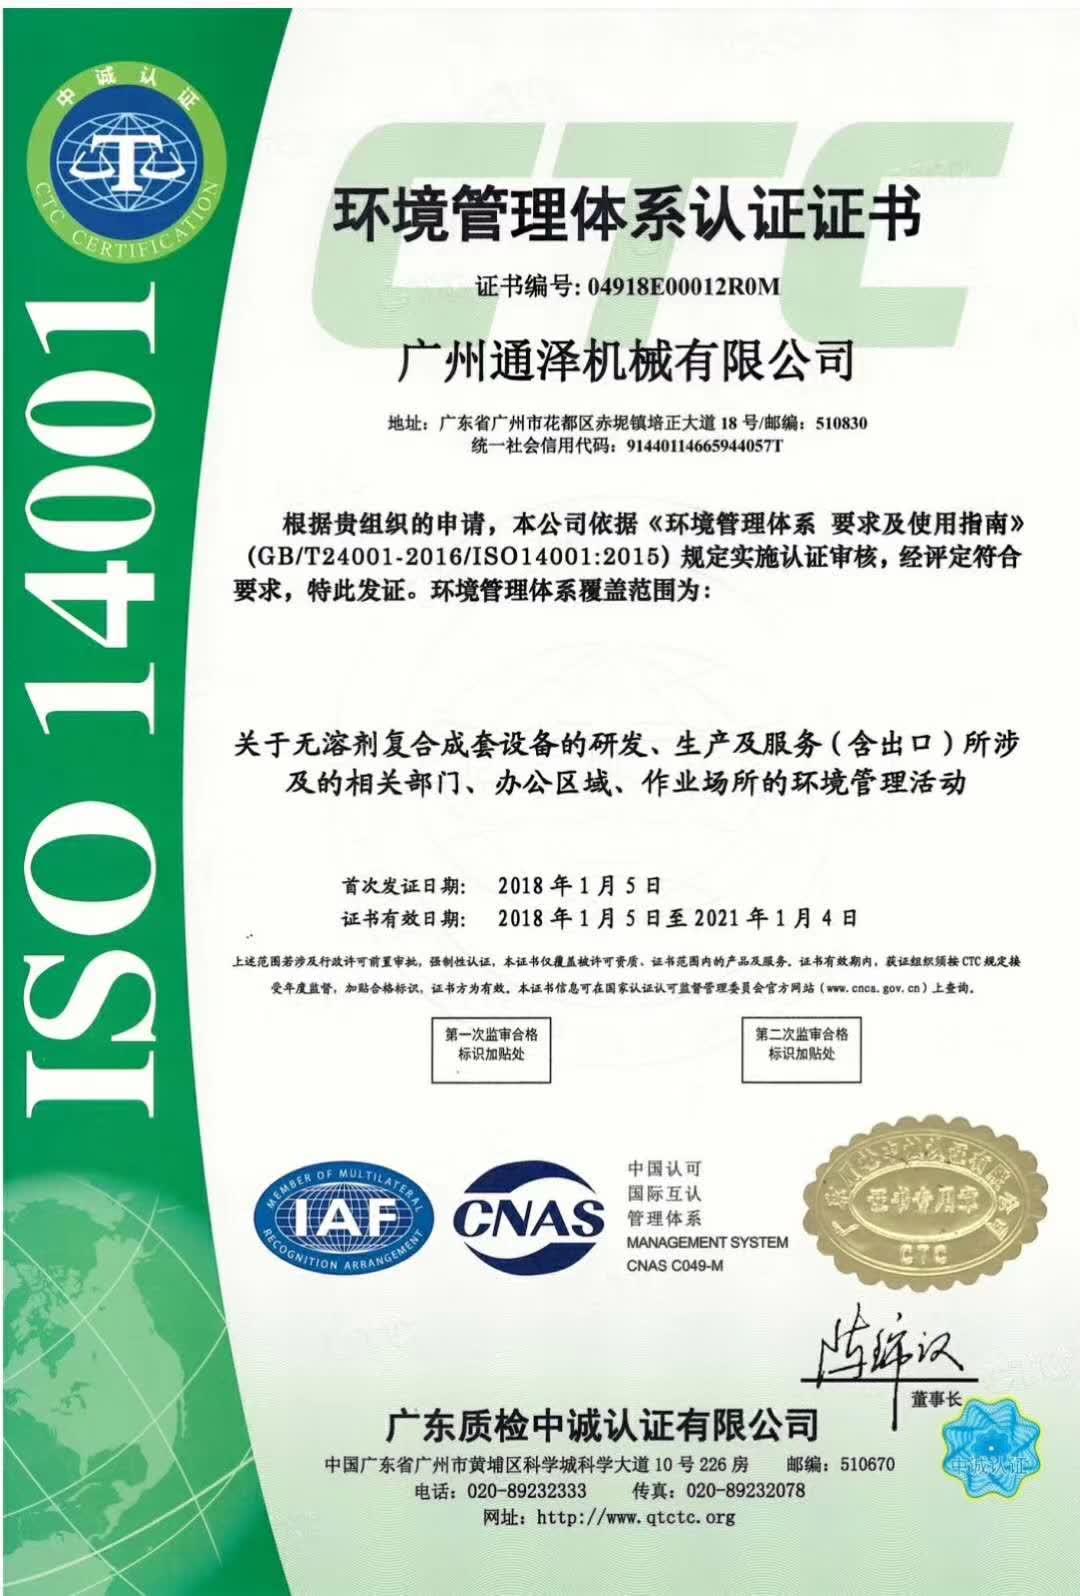 通泽公司通过环境管理体系认证和职业健康安全管理体系认证